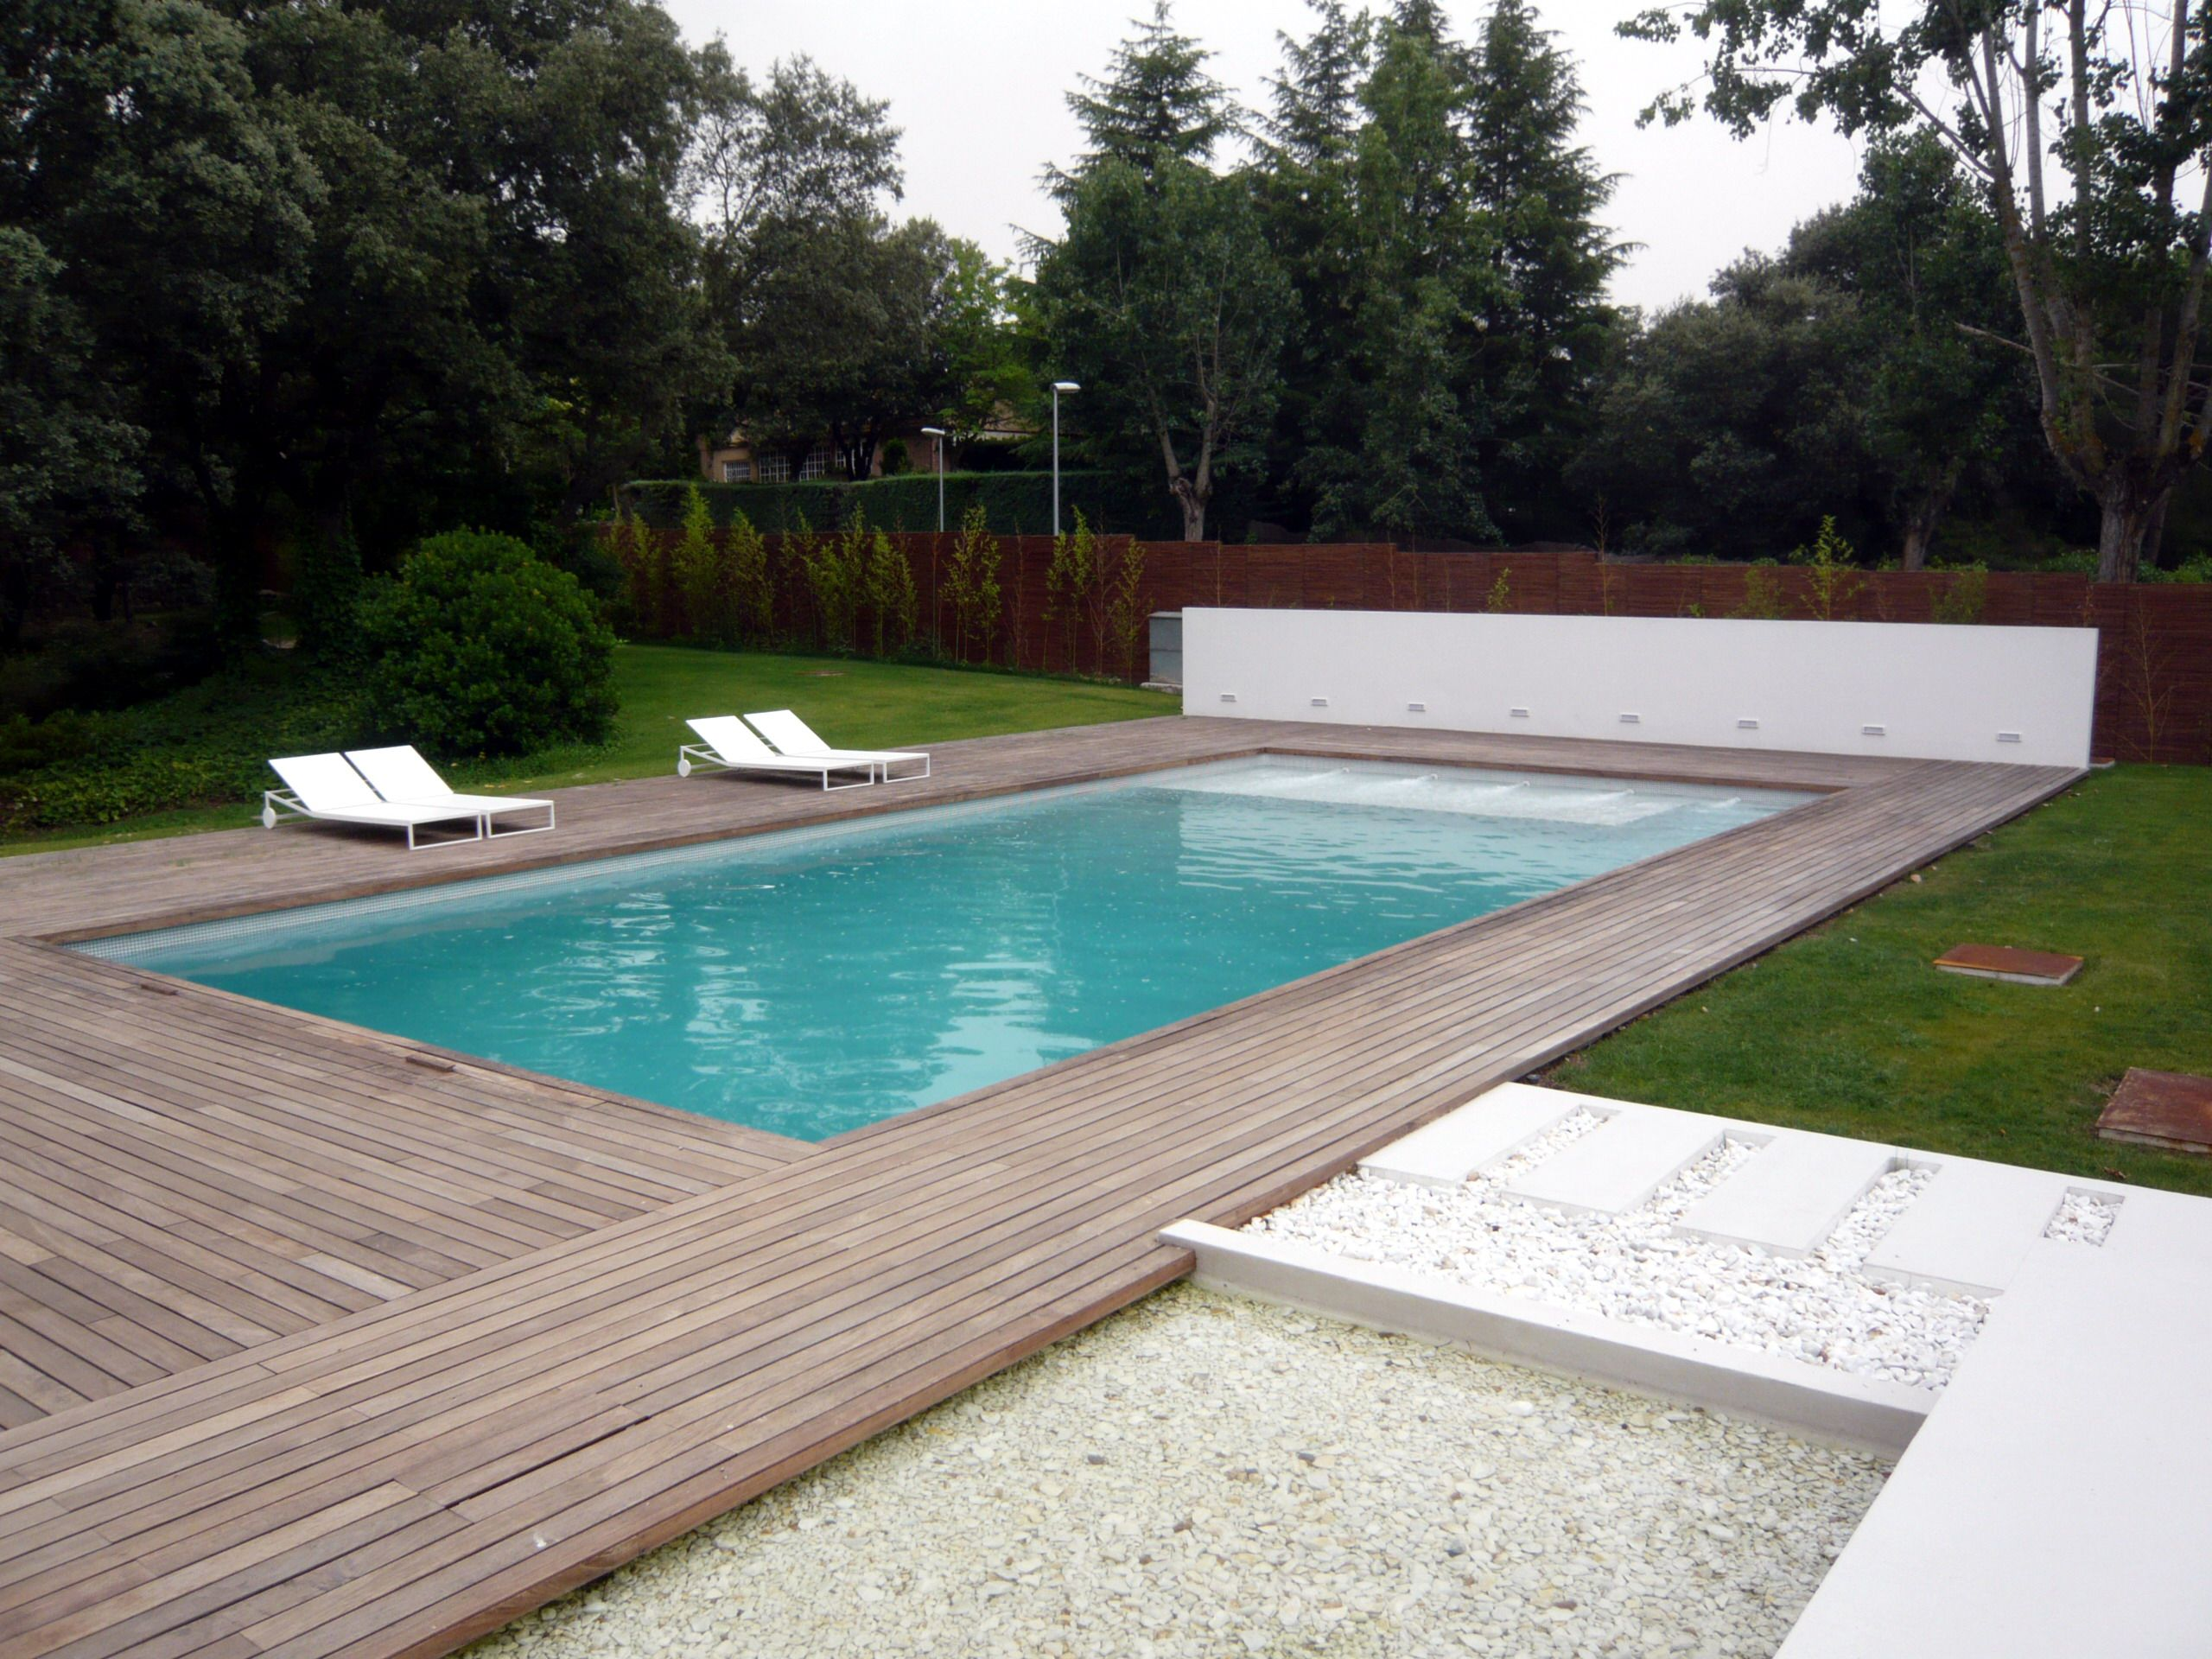 Piscina climatizada con tarima de madera piscina for Piscina climatizada